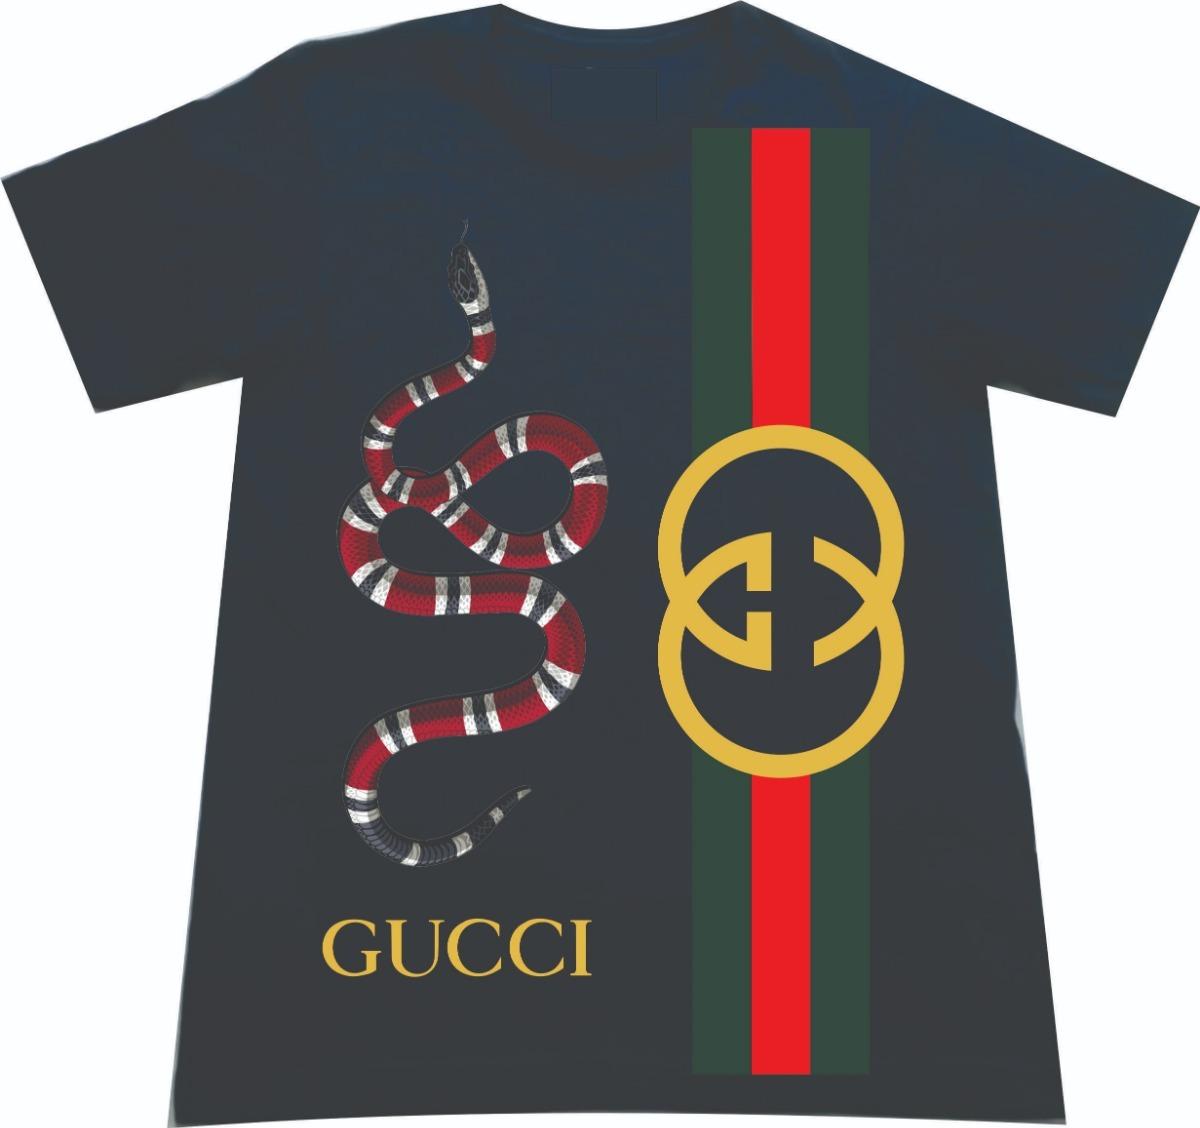 Camiseta Gucci Para Hombre -   55.000 en Mercado Libre 481a3d8c2fb